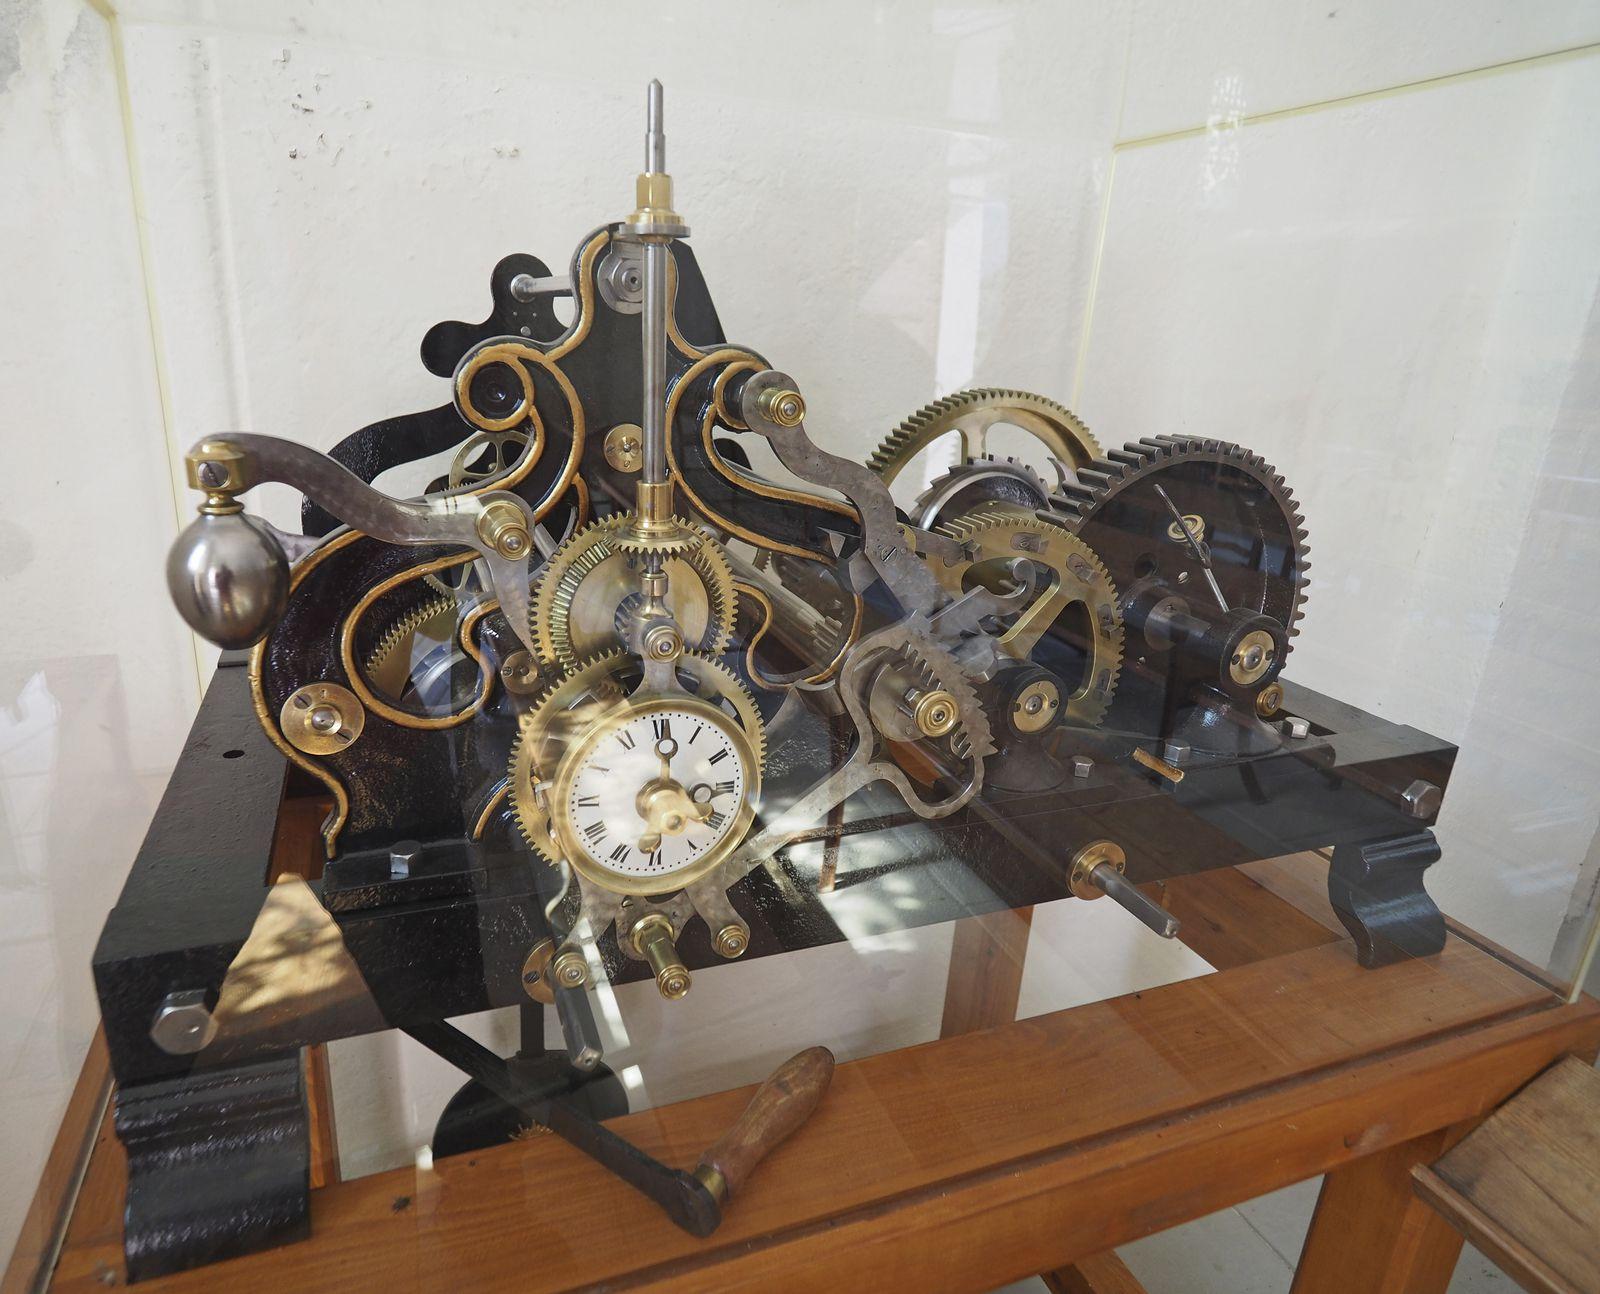 À l'intérieur de l'église est exposé ce mécanisme d'une horloge qui a dû avoir ses heures de gloire.